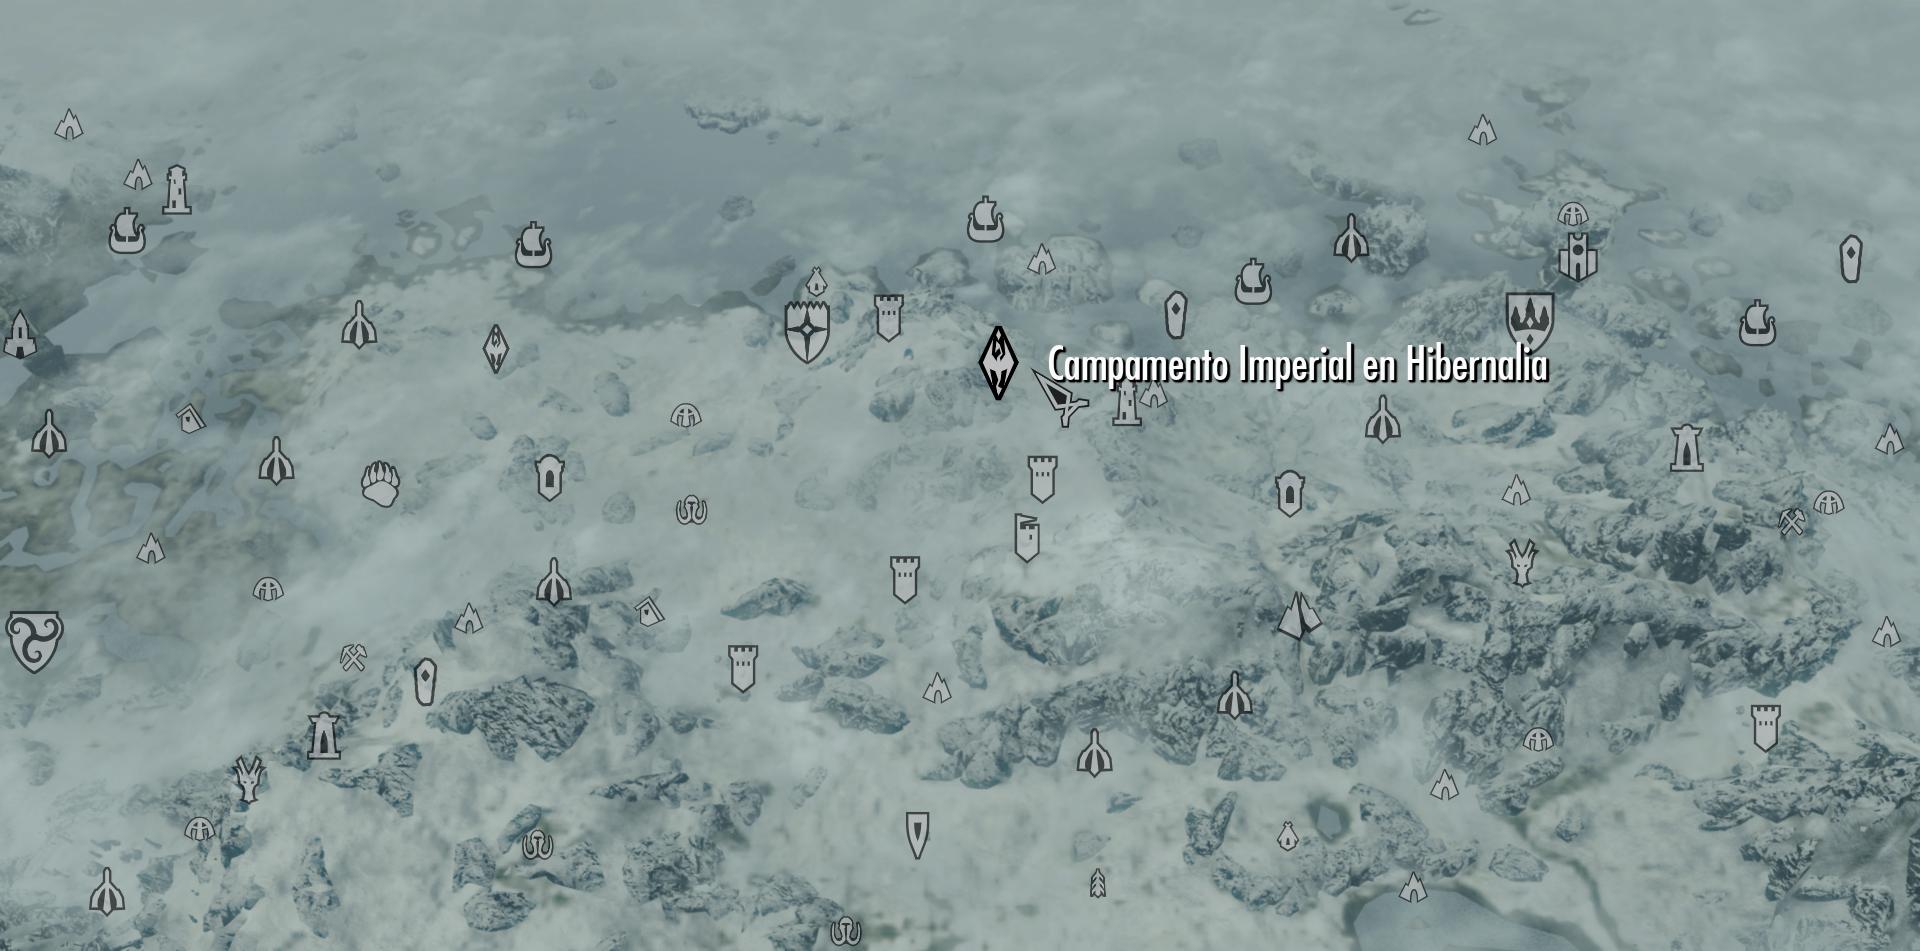 Campamento Imperial en Hibernalia